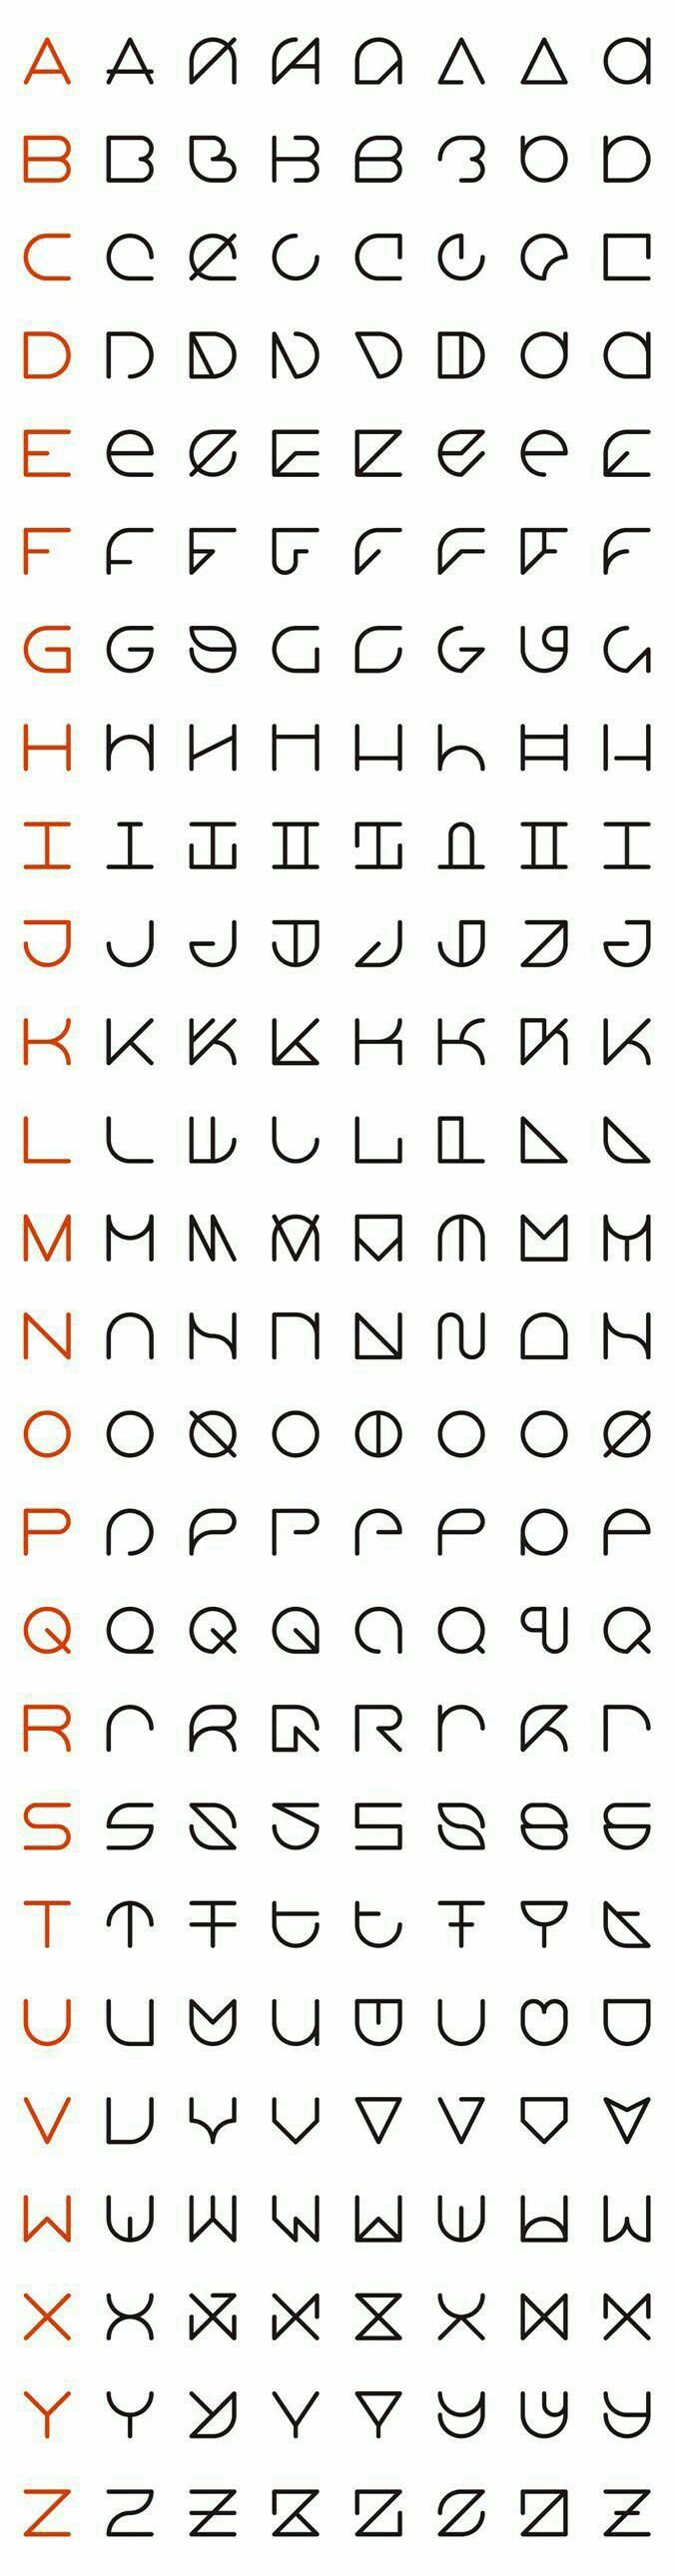 Minimalist Modern Font  Rahovec    Minimalist Fonts